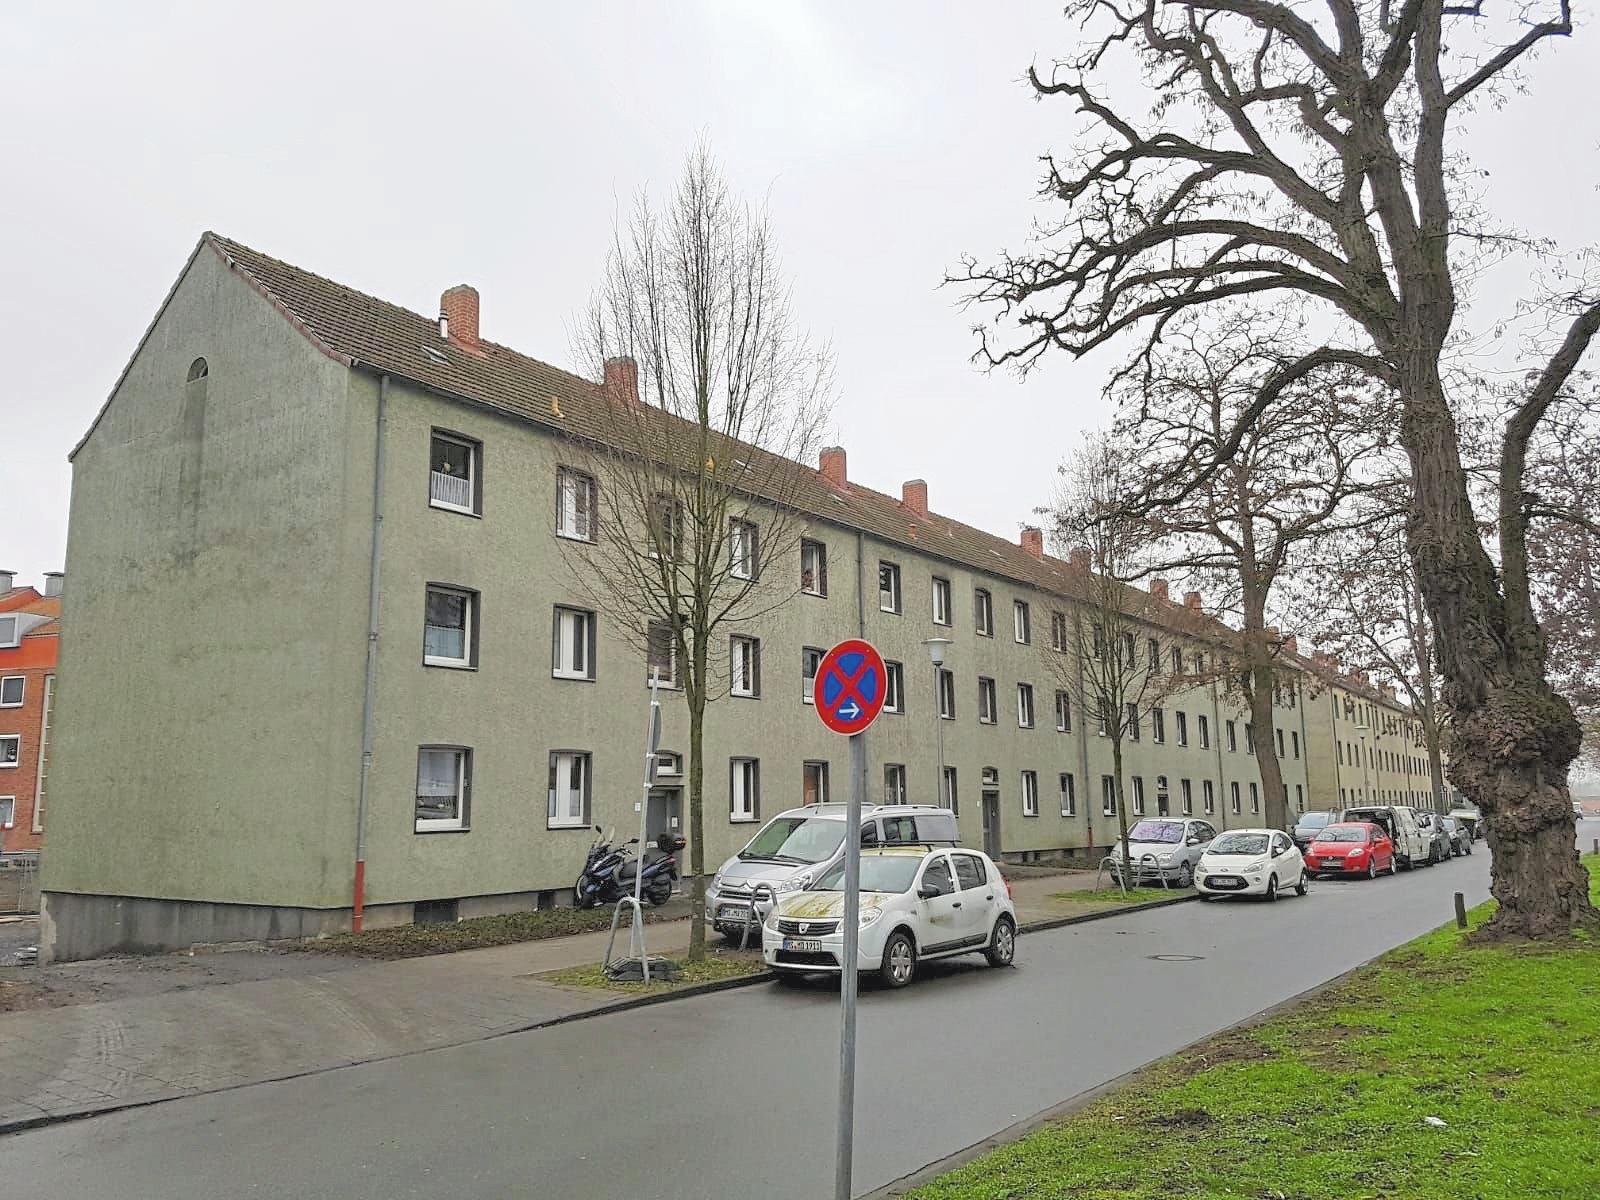 So sah der Wohnblock in Münster-Kinderhaus vor der Fassadensanierung aus.